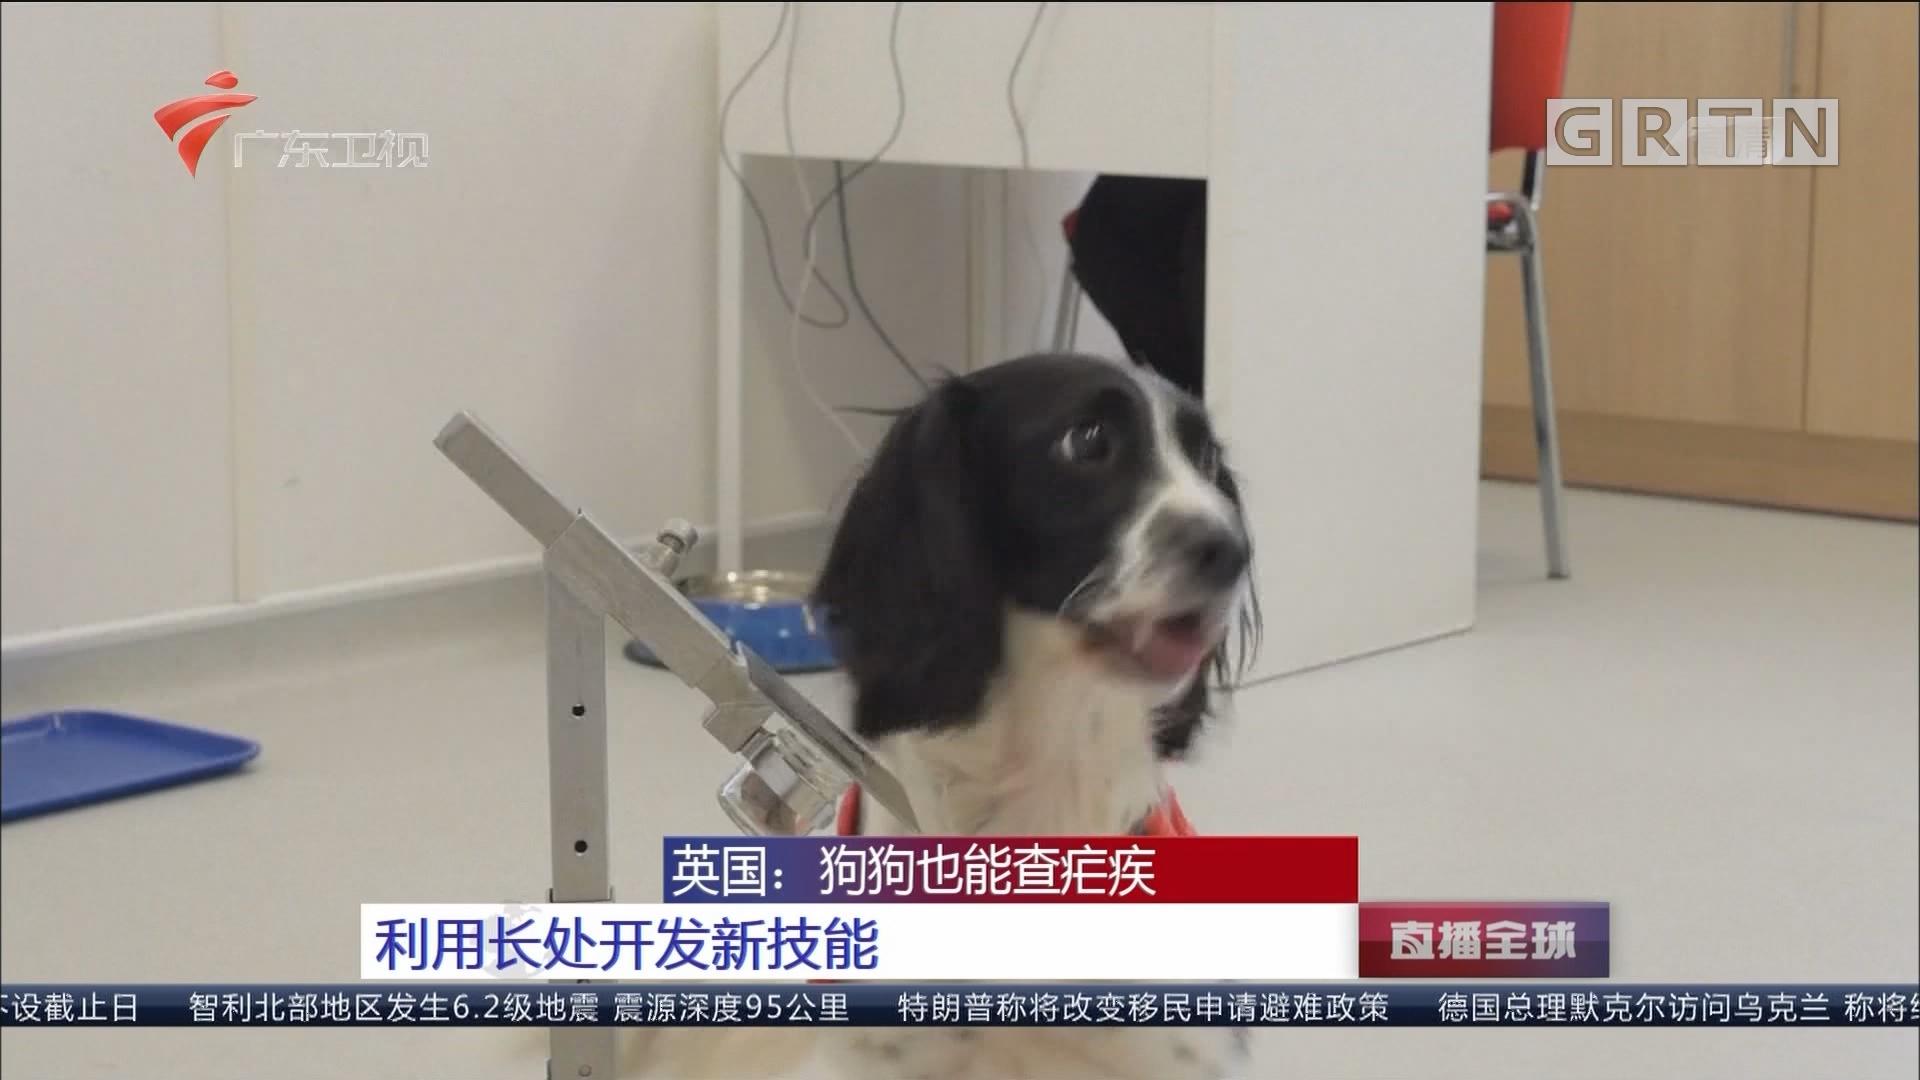 英国:狗狗也能查疟疾 利用长处开发新技能